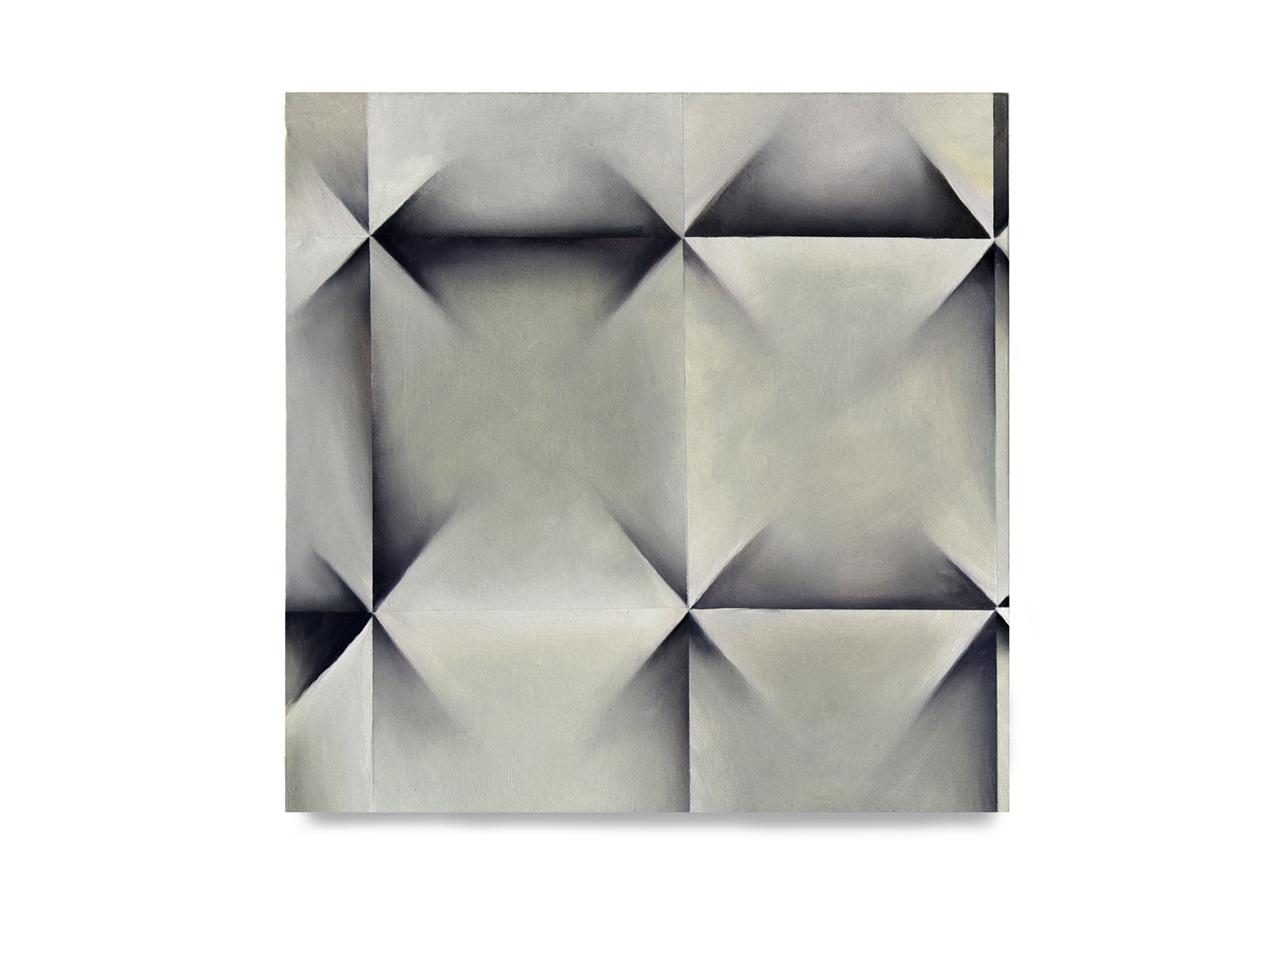 Metal-2021-30x30cm